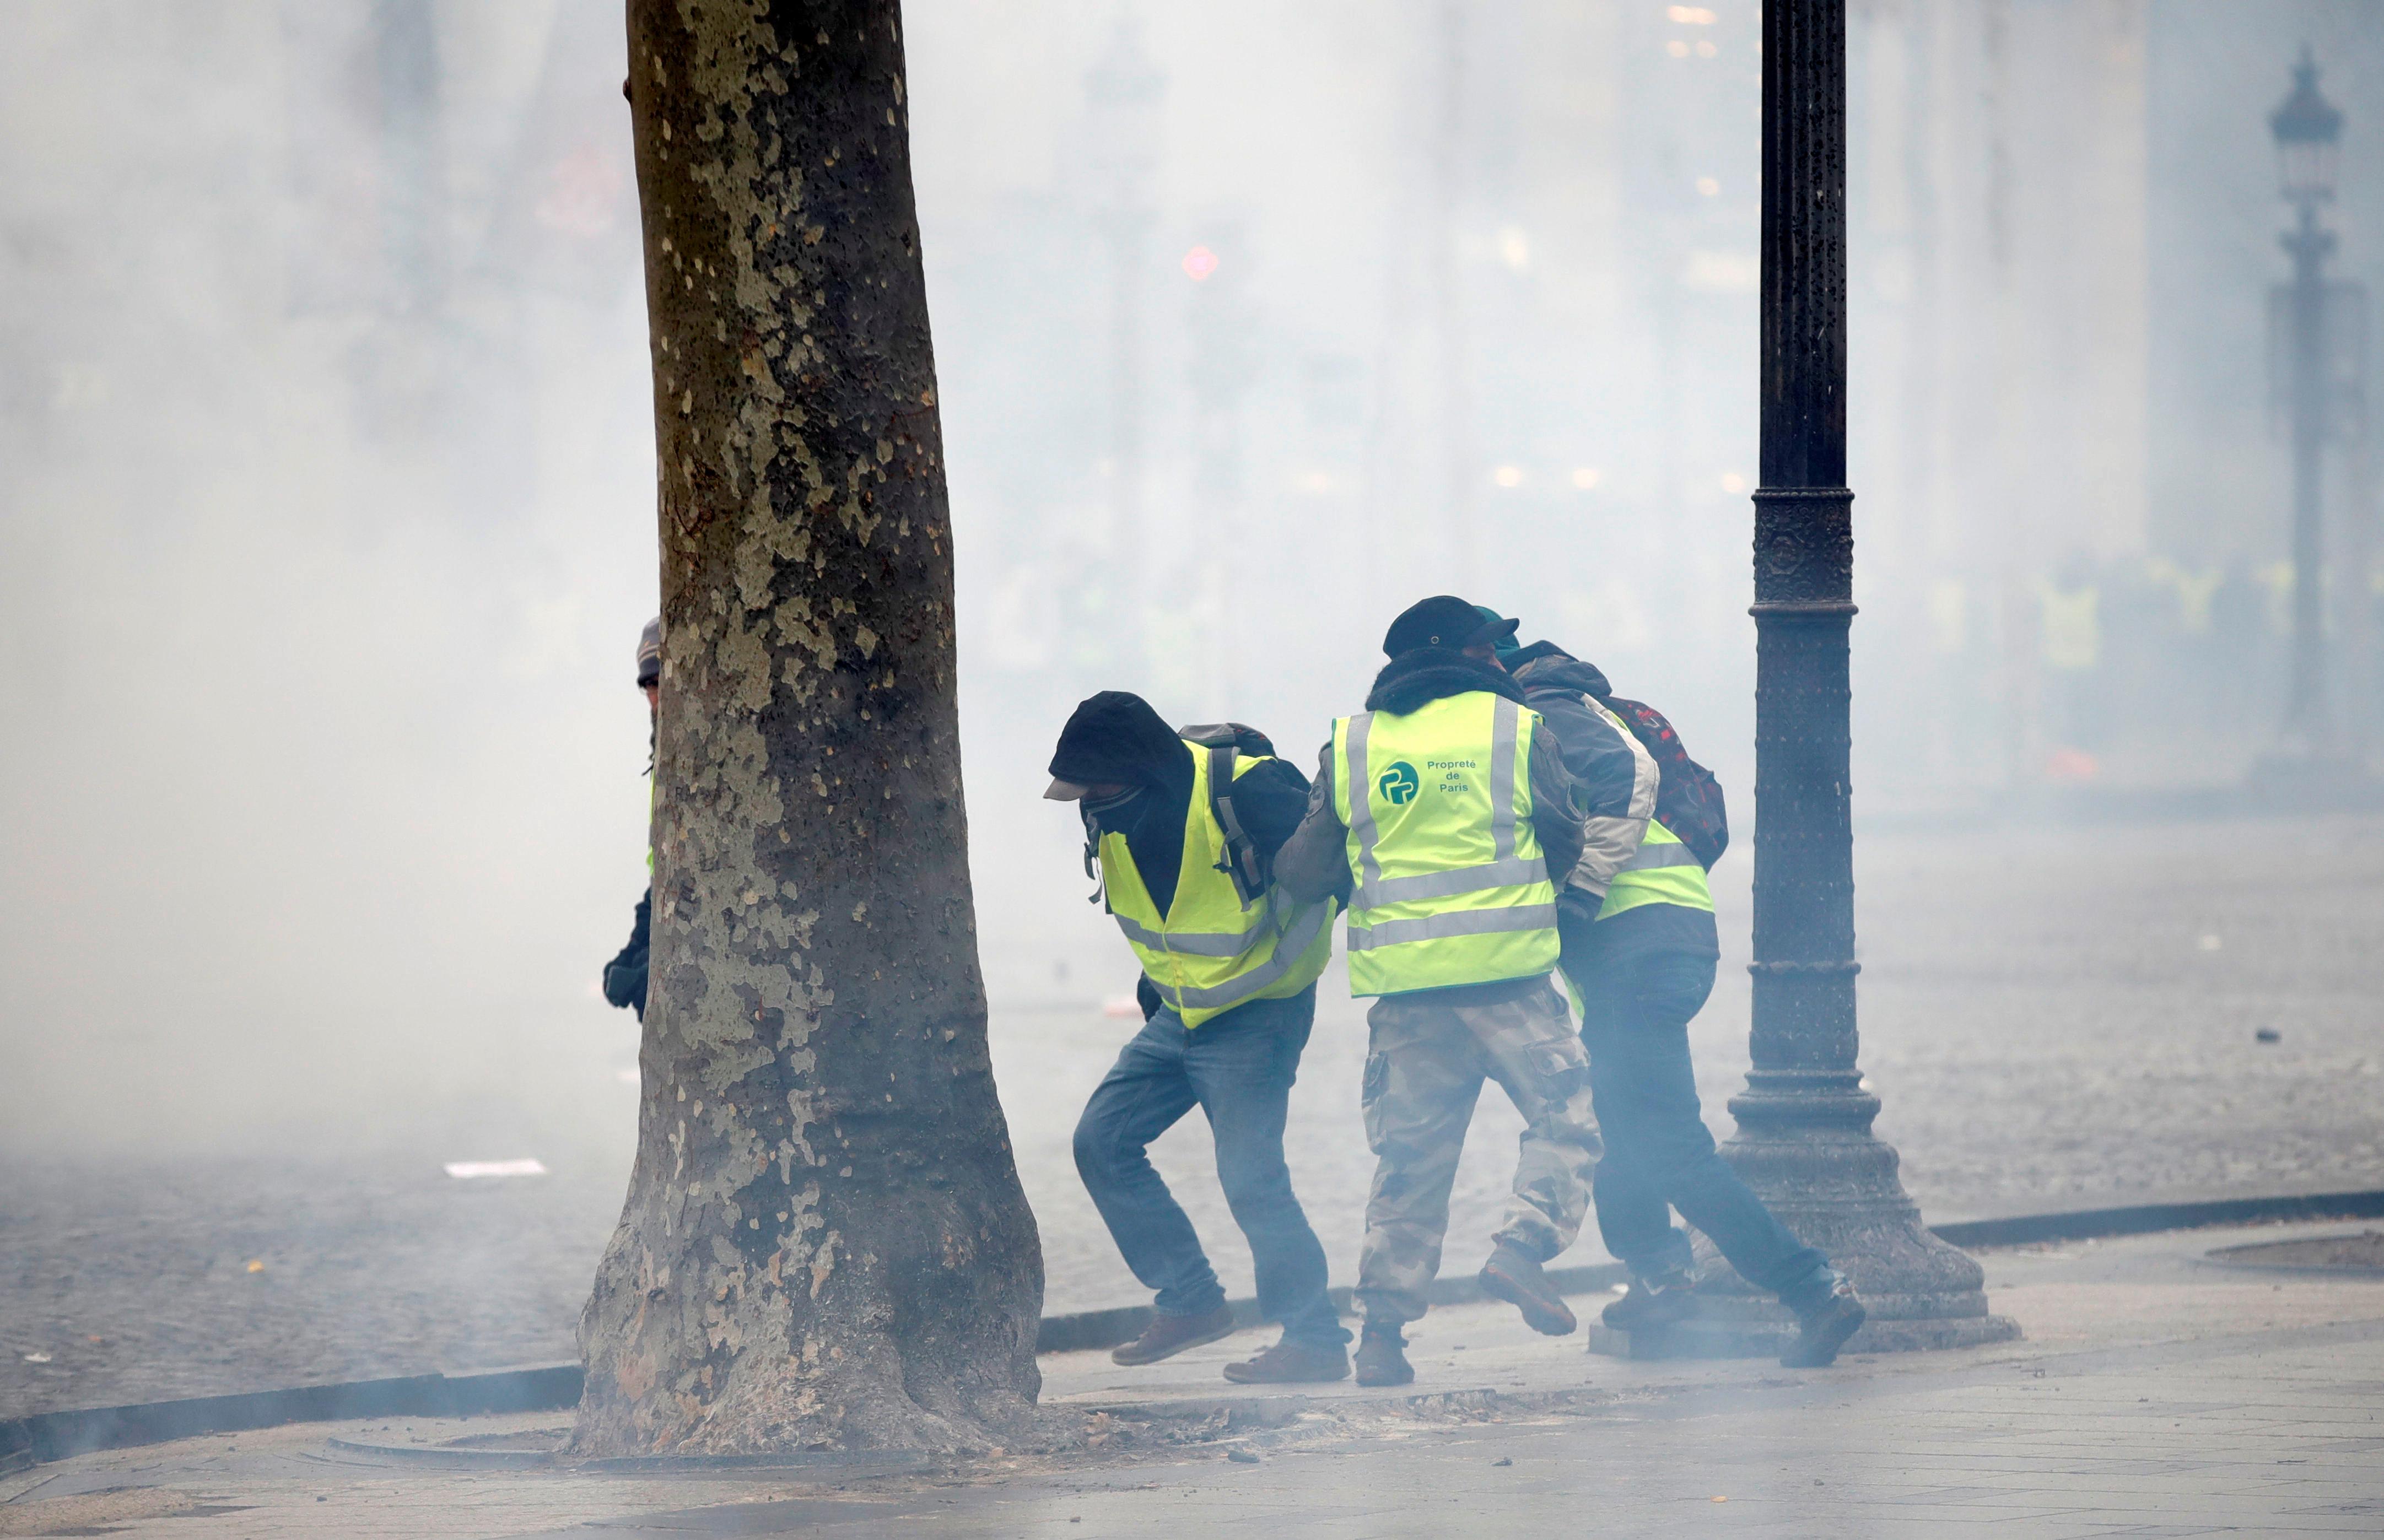 الشرطة أطلقت الغاز المسيل للدموع لوقف تقدم المحتجين